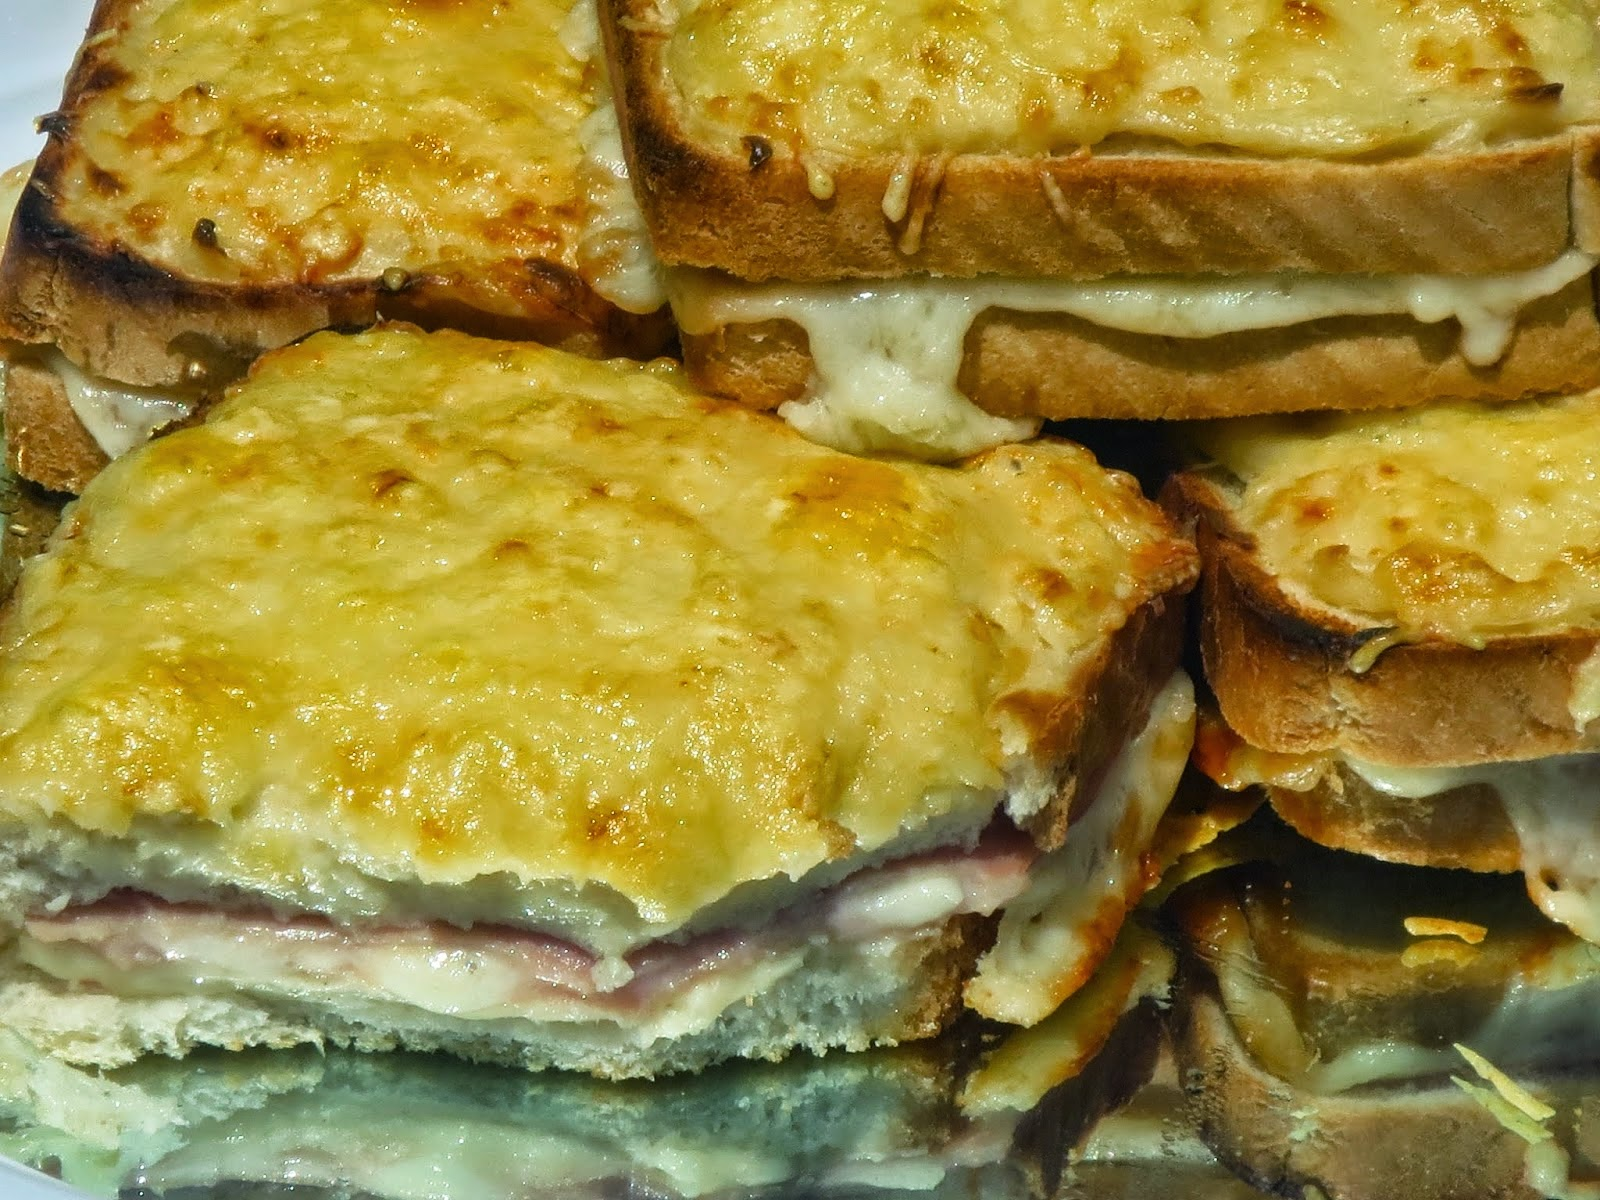 Sandwich Croque-monsieur Ana Sevilla cocina tradicional